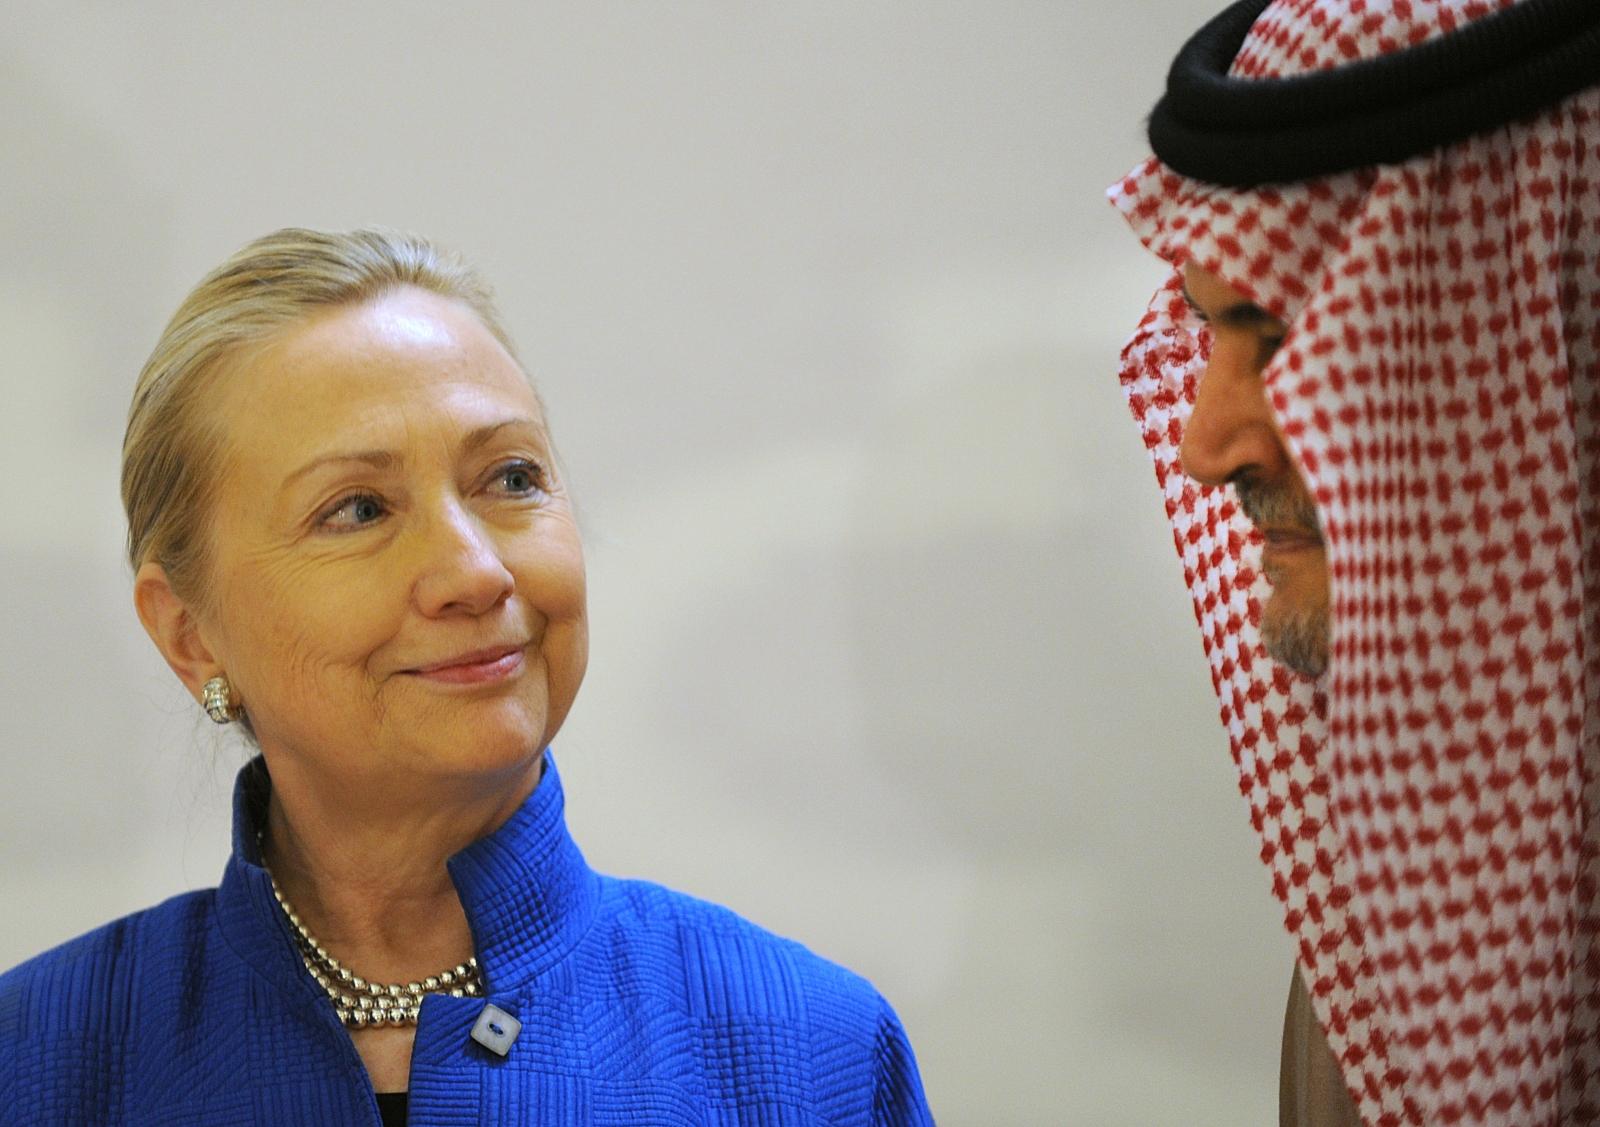 Hillary Clinton and Saudi Foreign Minister Prince Saud Al-Faisal